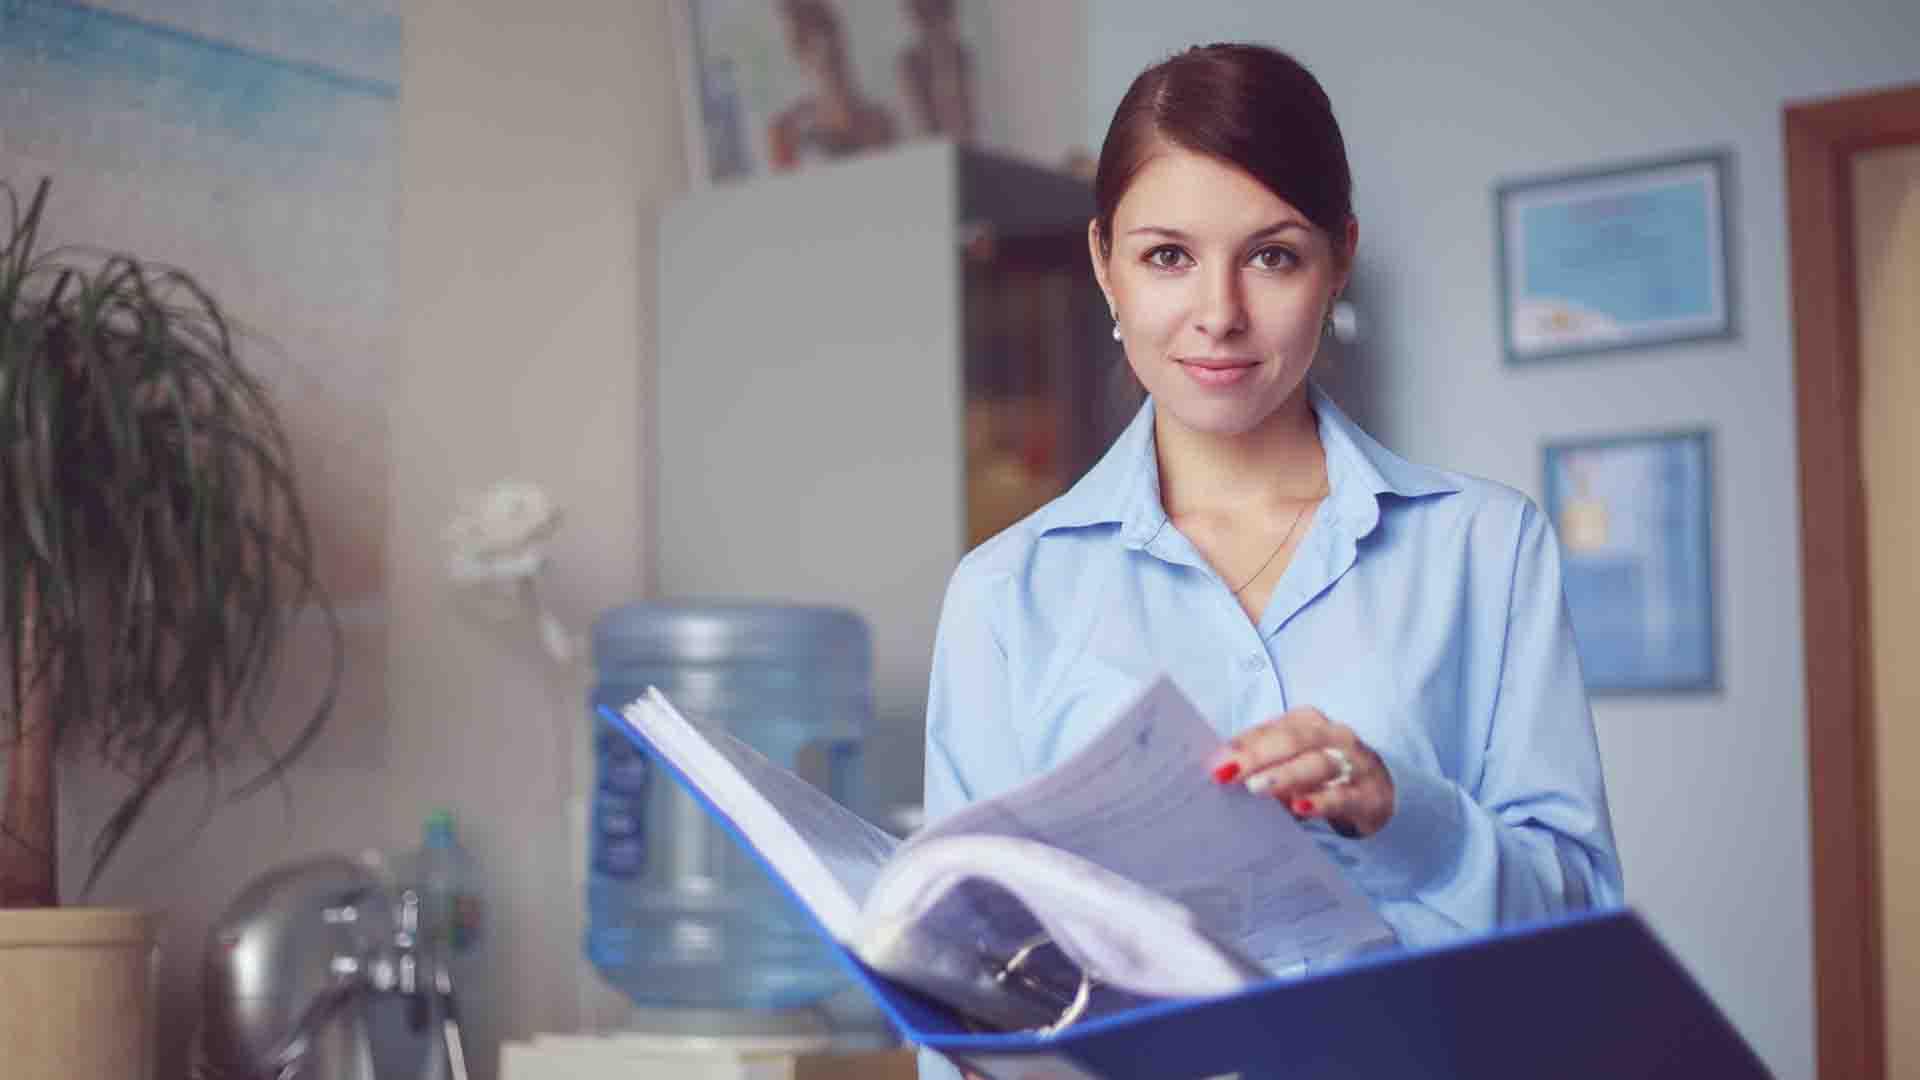 המדריך השלם להעסקת עובדי משק בית